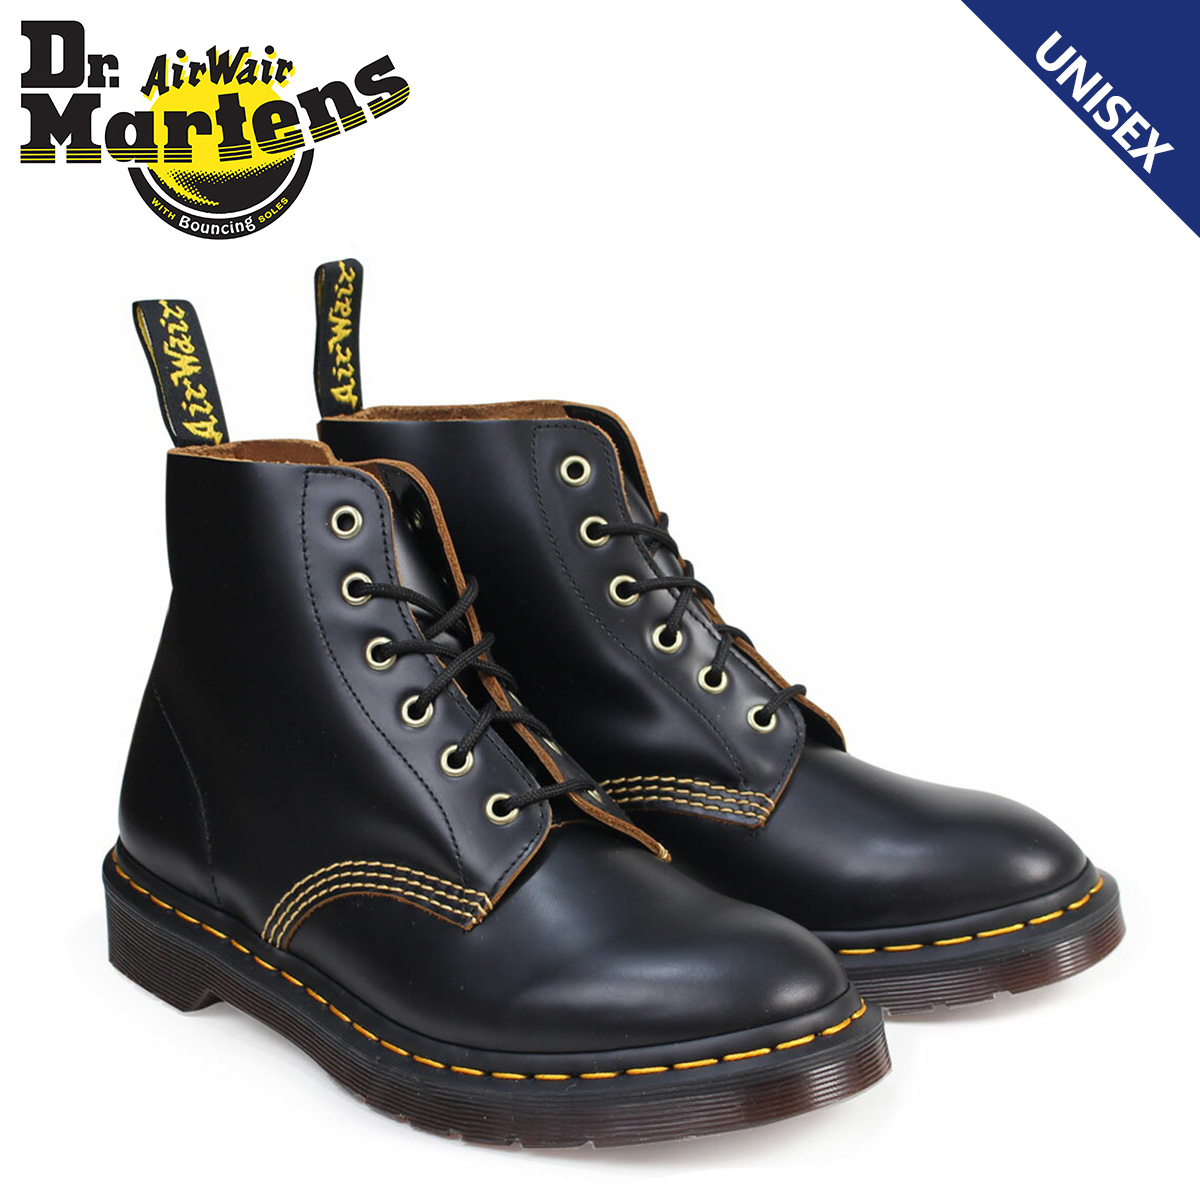 Dr.Martens 6ホール メンズ レディース ドクターマーチン ブーツ ARCHIVE 101 6EYE BOOT R22701001 ブラック [9/26 再入荷]